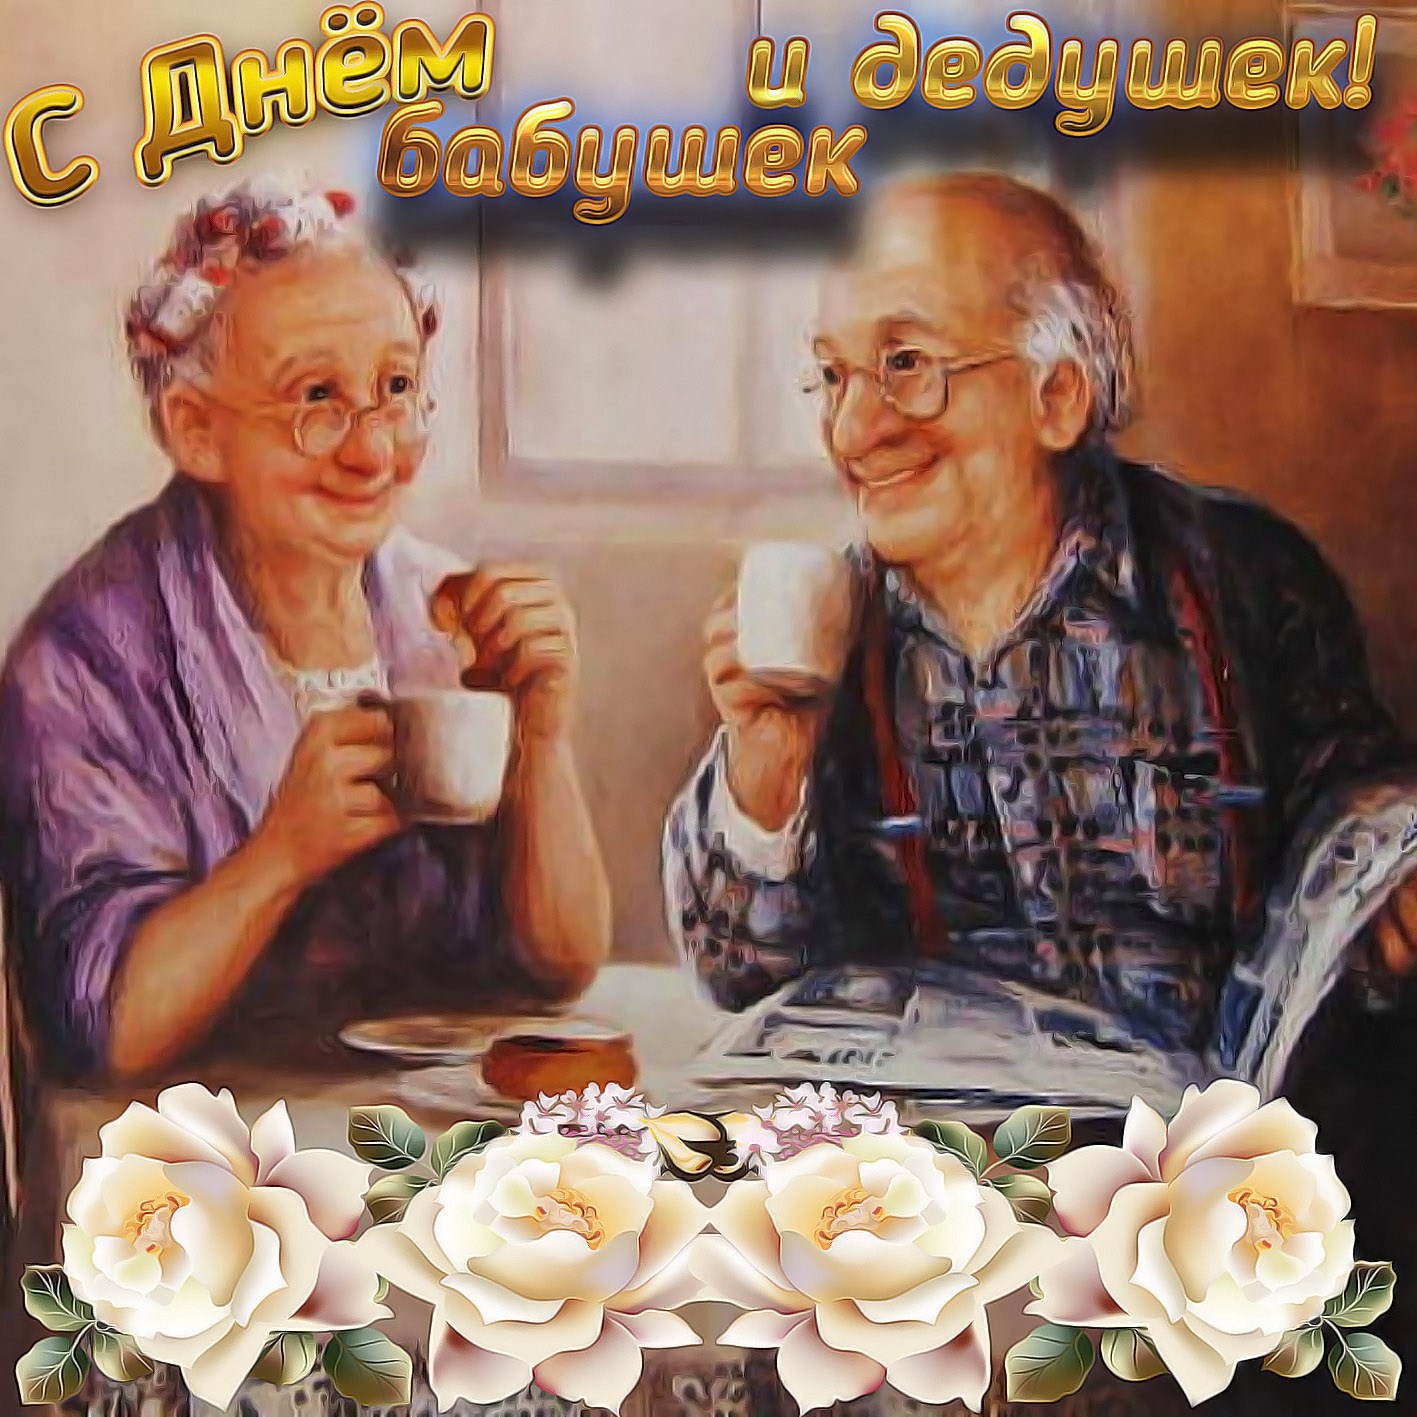 Гифки с днем бабушек и дедушек прикольные, днем рождения подруге